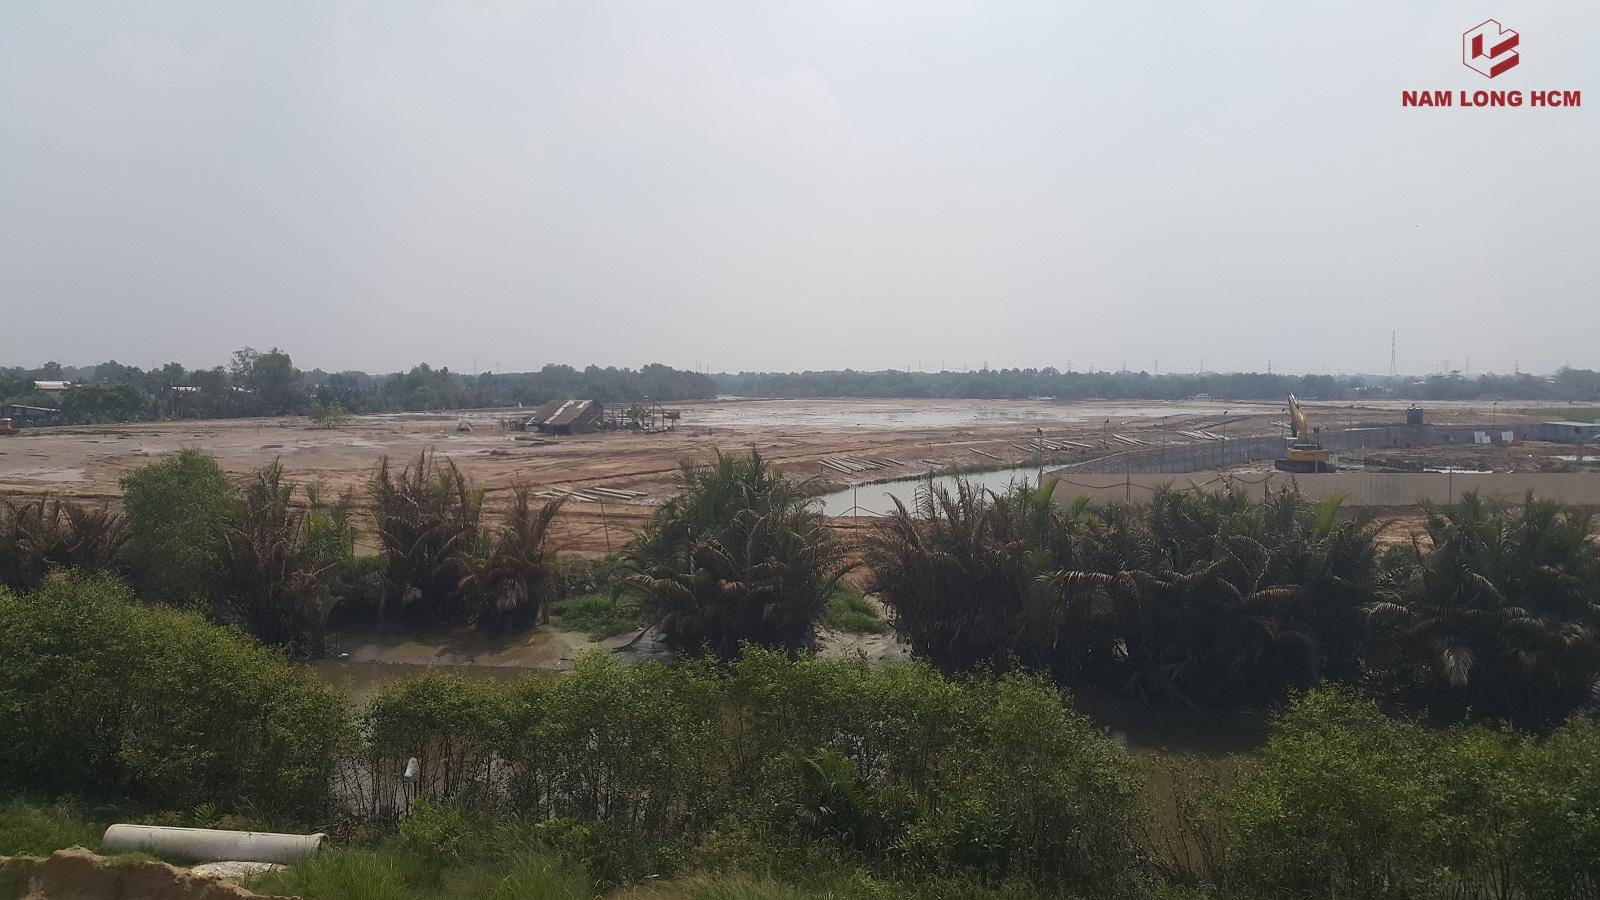 Các Block Flora Mizuki Park đối diện MP1 & MP2 đang được hút cát để chuẩn bị thi công giai đoạn tới. Ảnh: Nam Long HCM